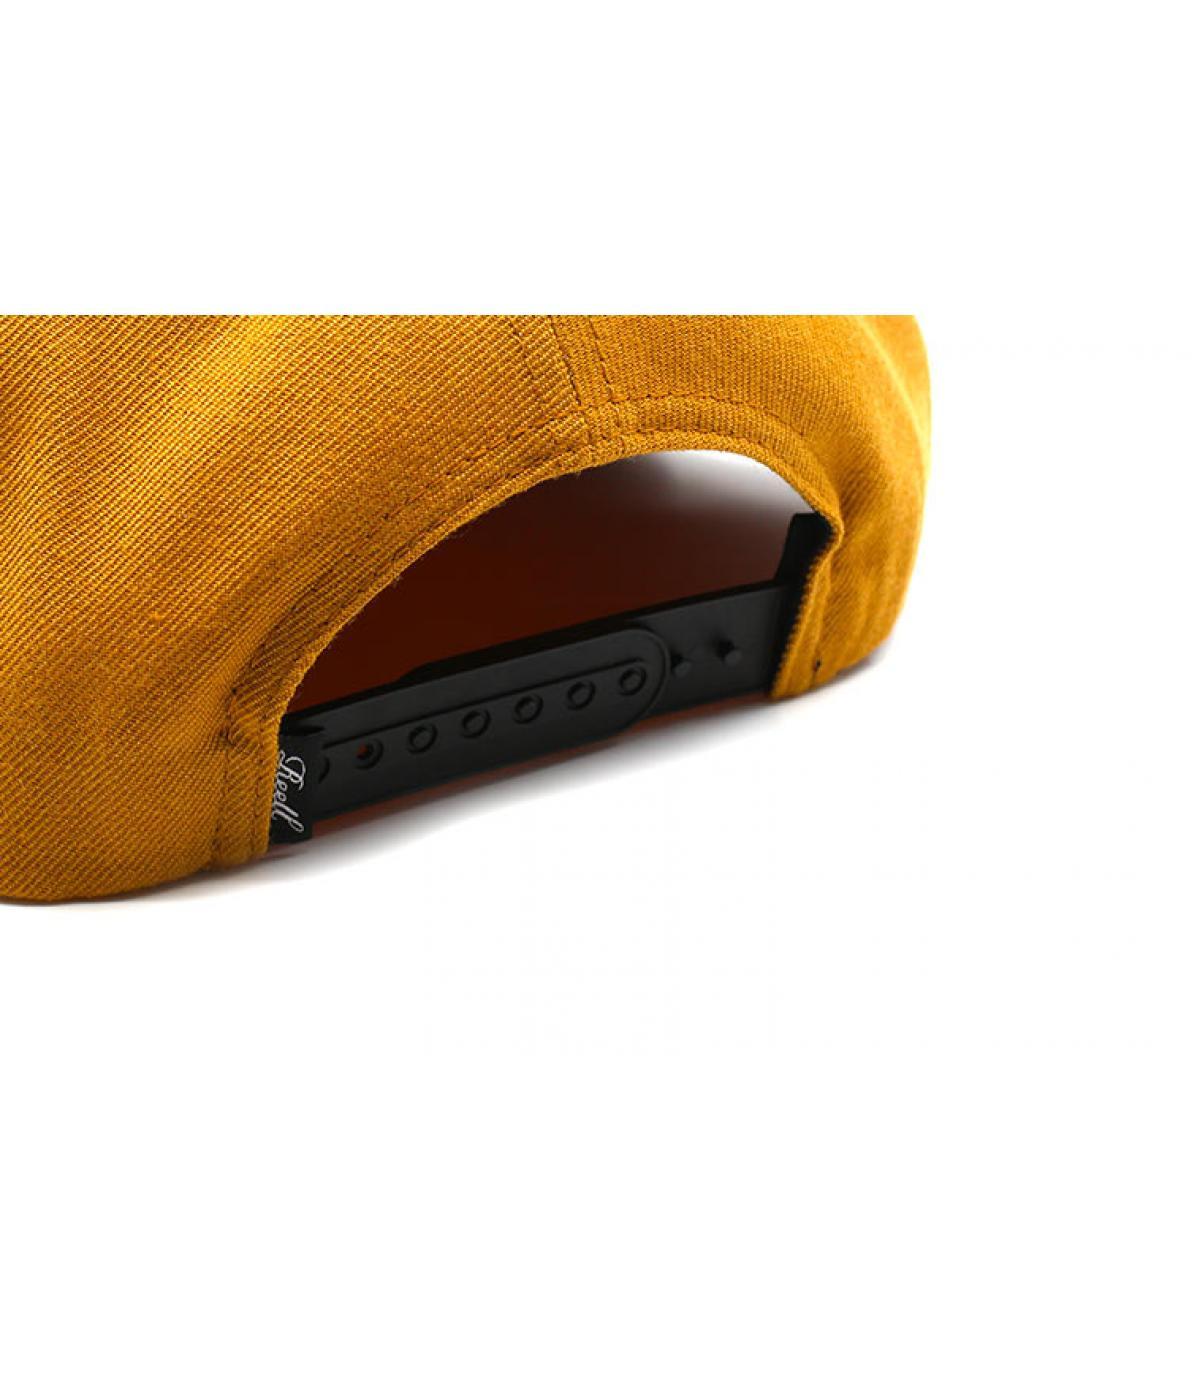 Détails Suede Cap Yellow brown - image 5